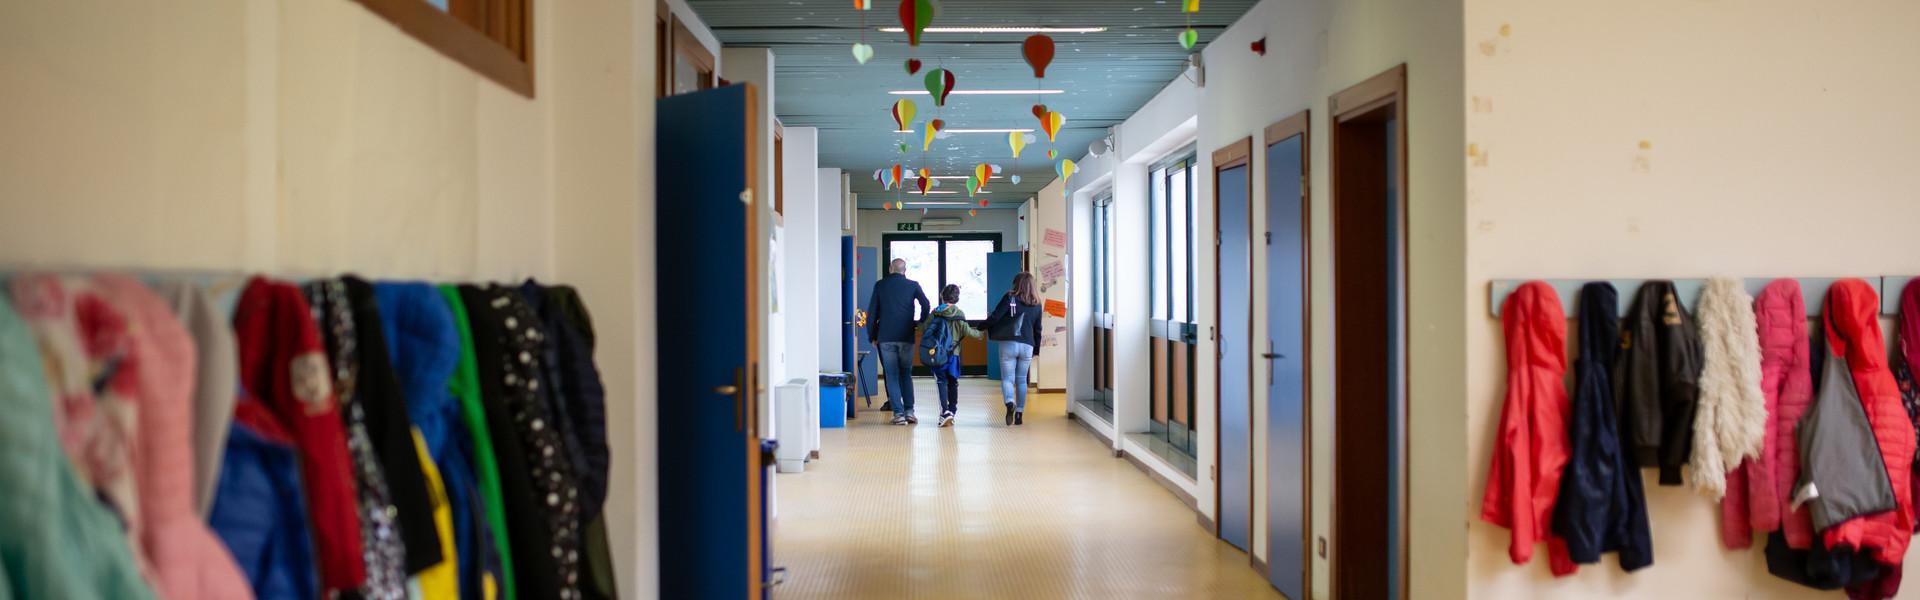 Francesco entra a scuola tenuto per mano da mamma e papà. Sono inquadrati di spalle mentre camminano lungo i corridoi